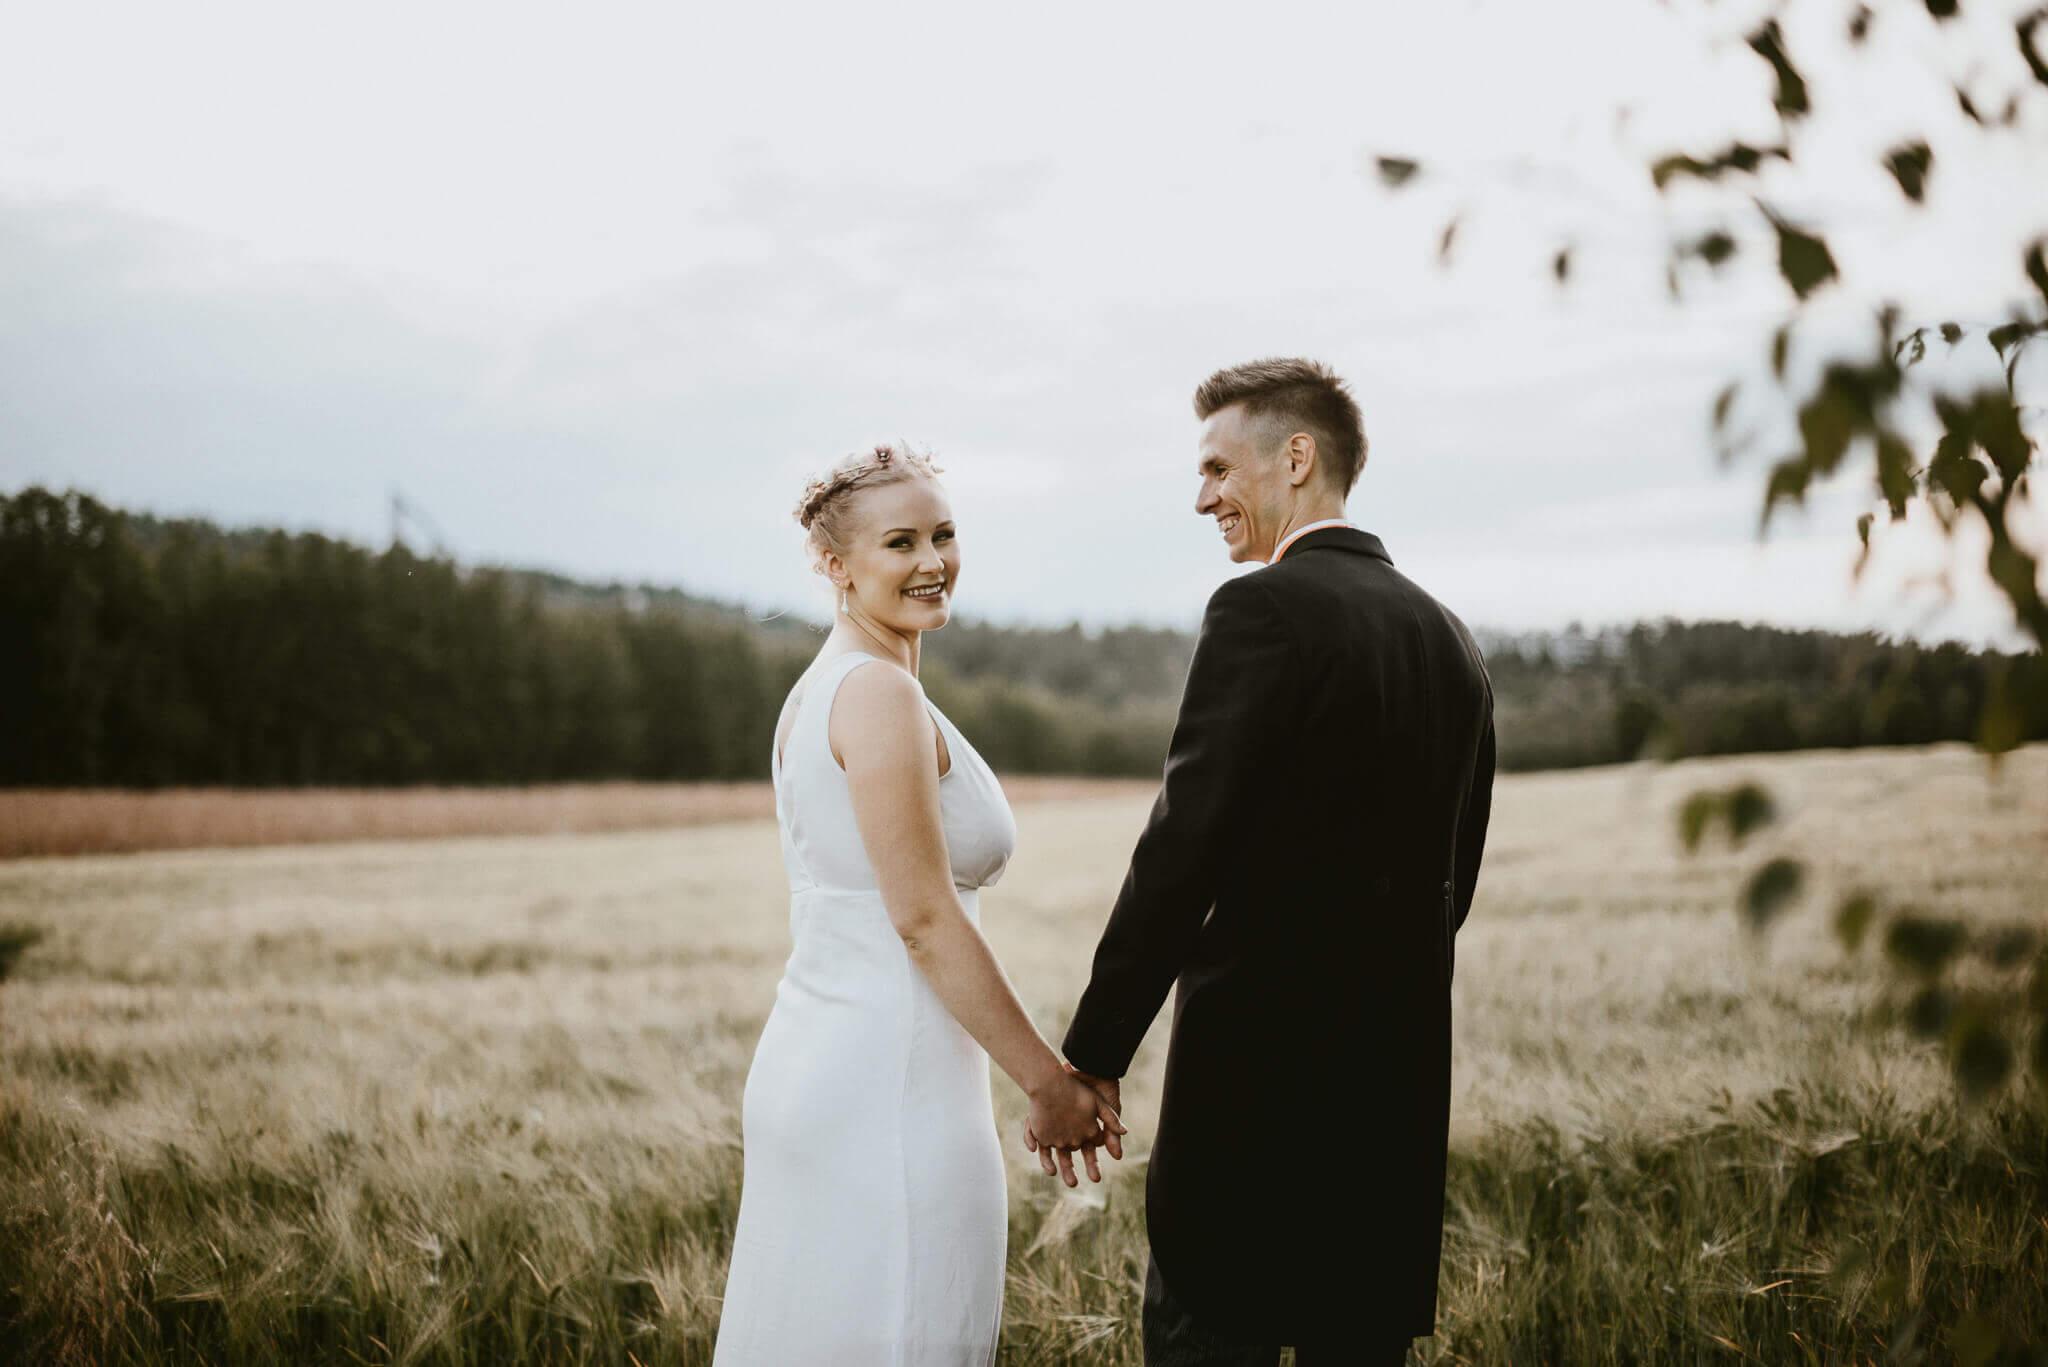 hääkuvaus jyväskylä keski-suomi